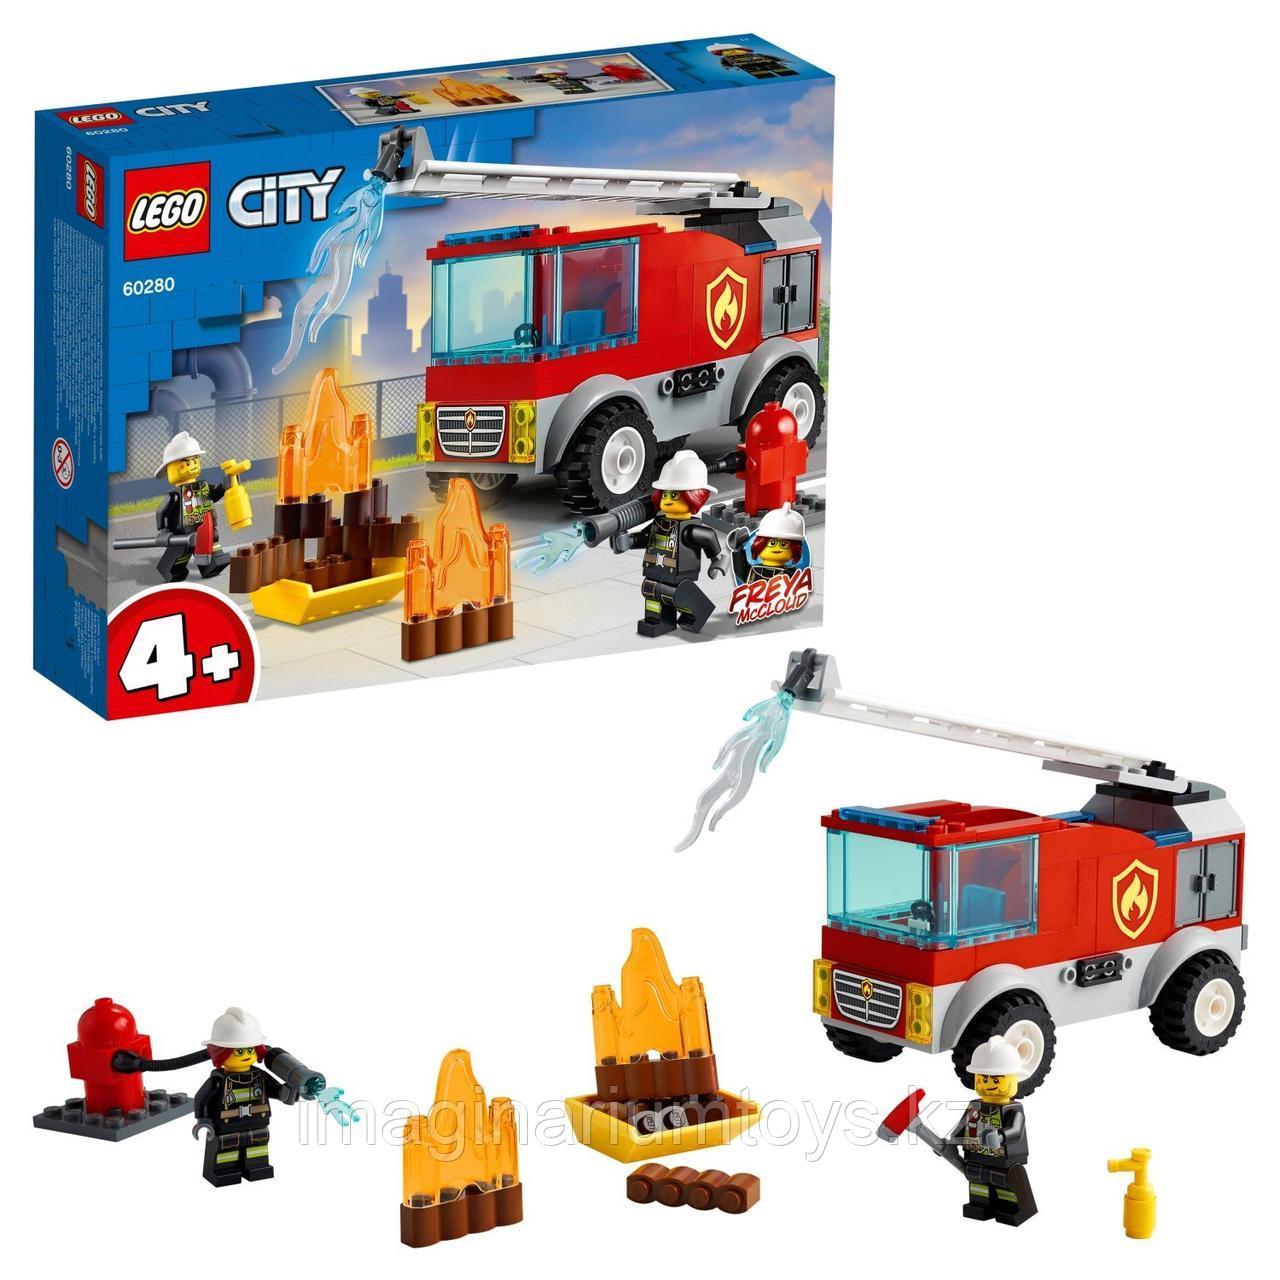 Конструктор LEGO City Лего город Пожарная машина с лестницей 60280